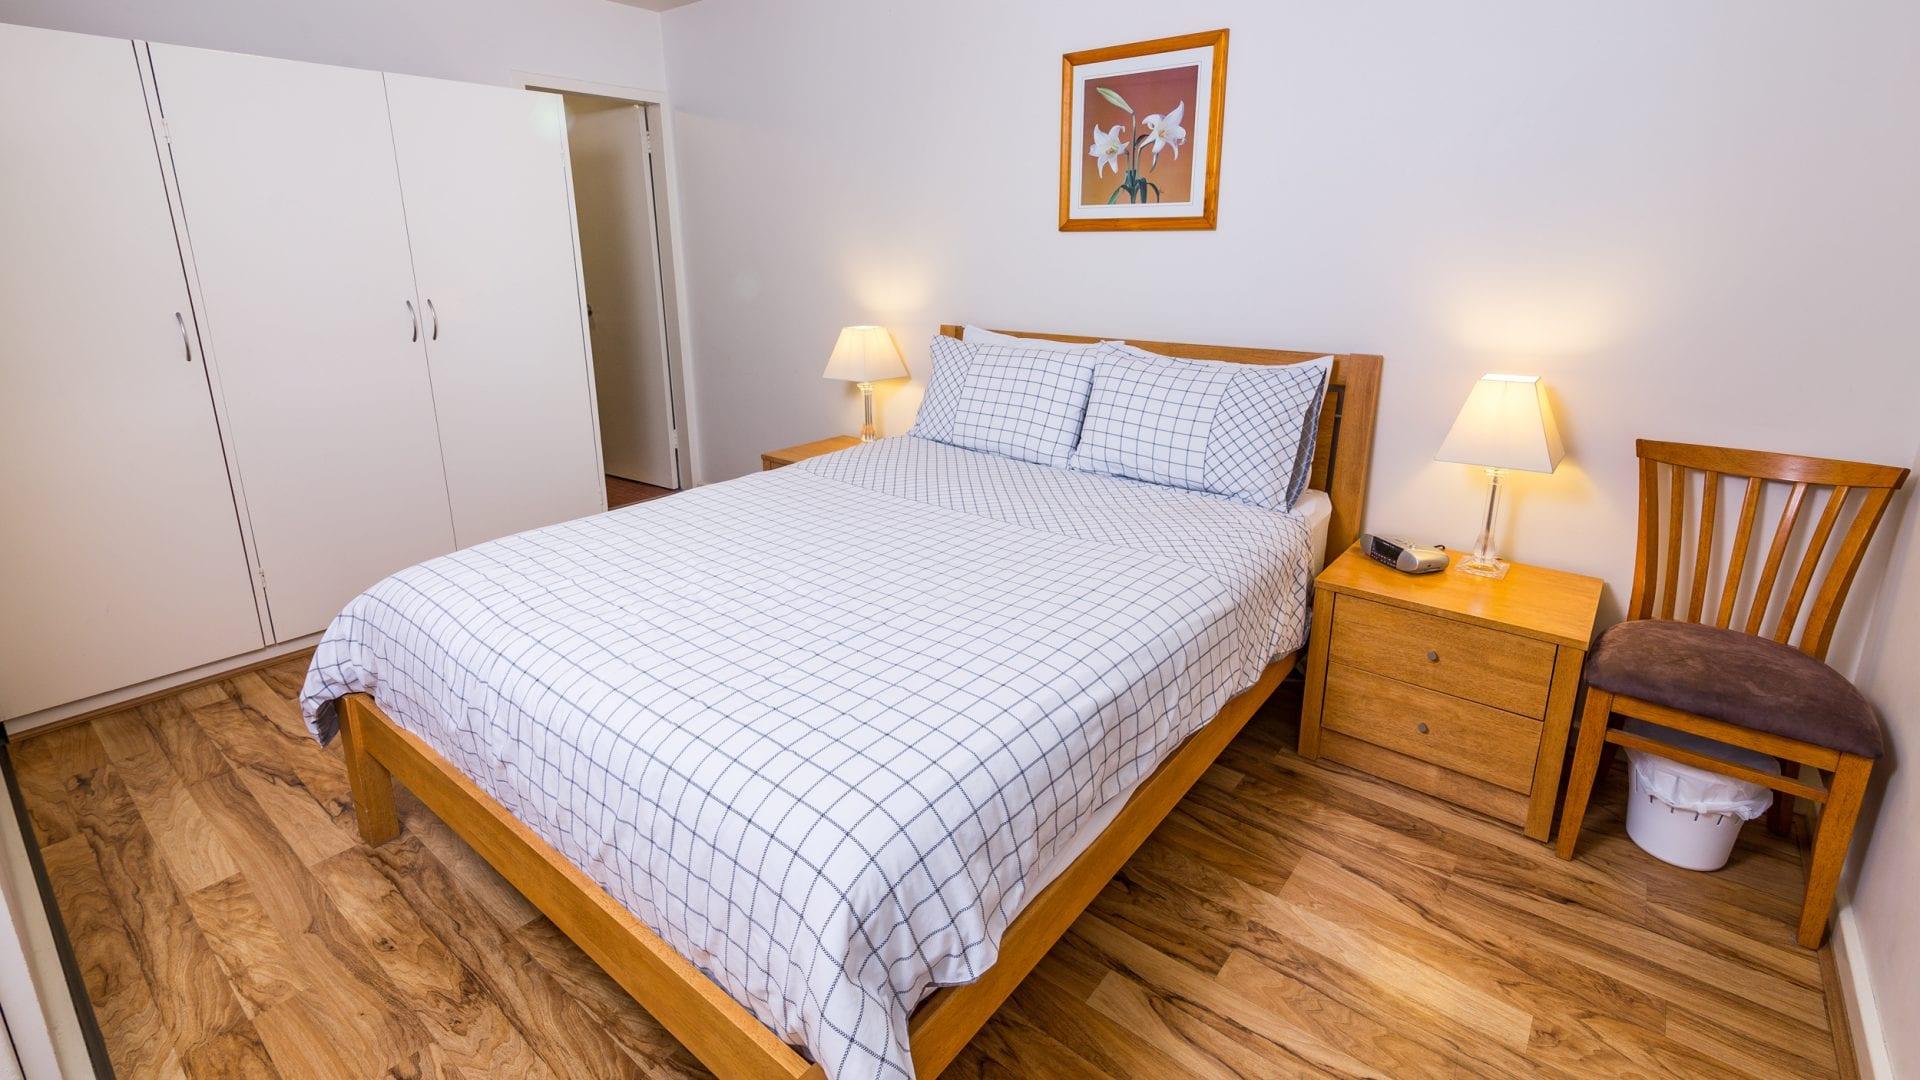 bedroom4-1920x1080